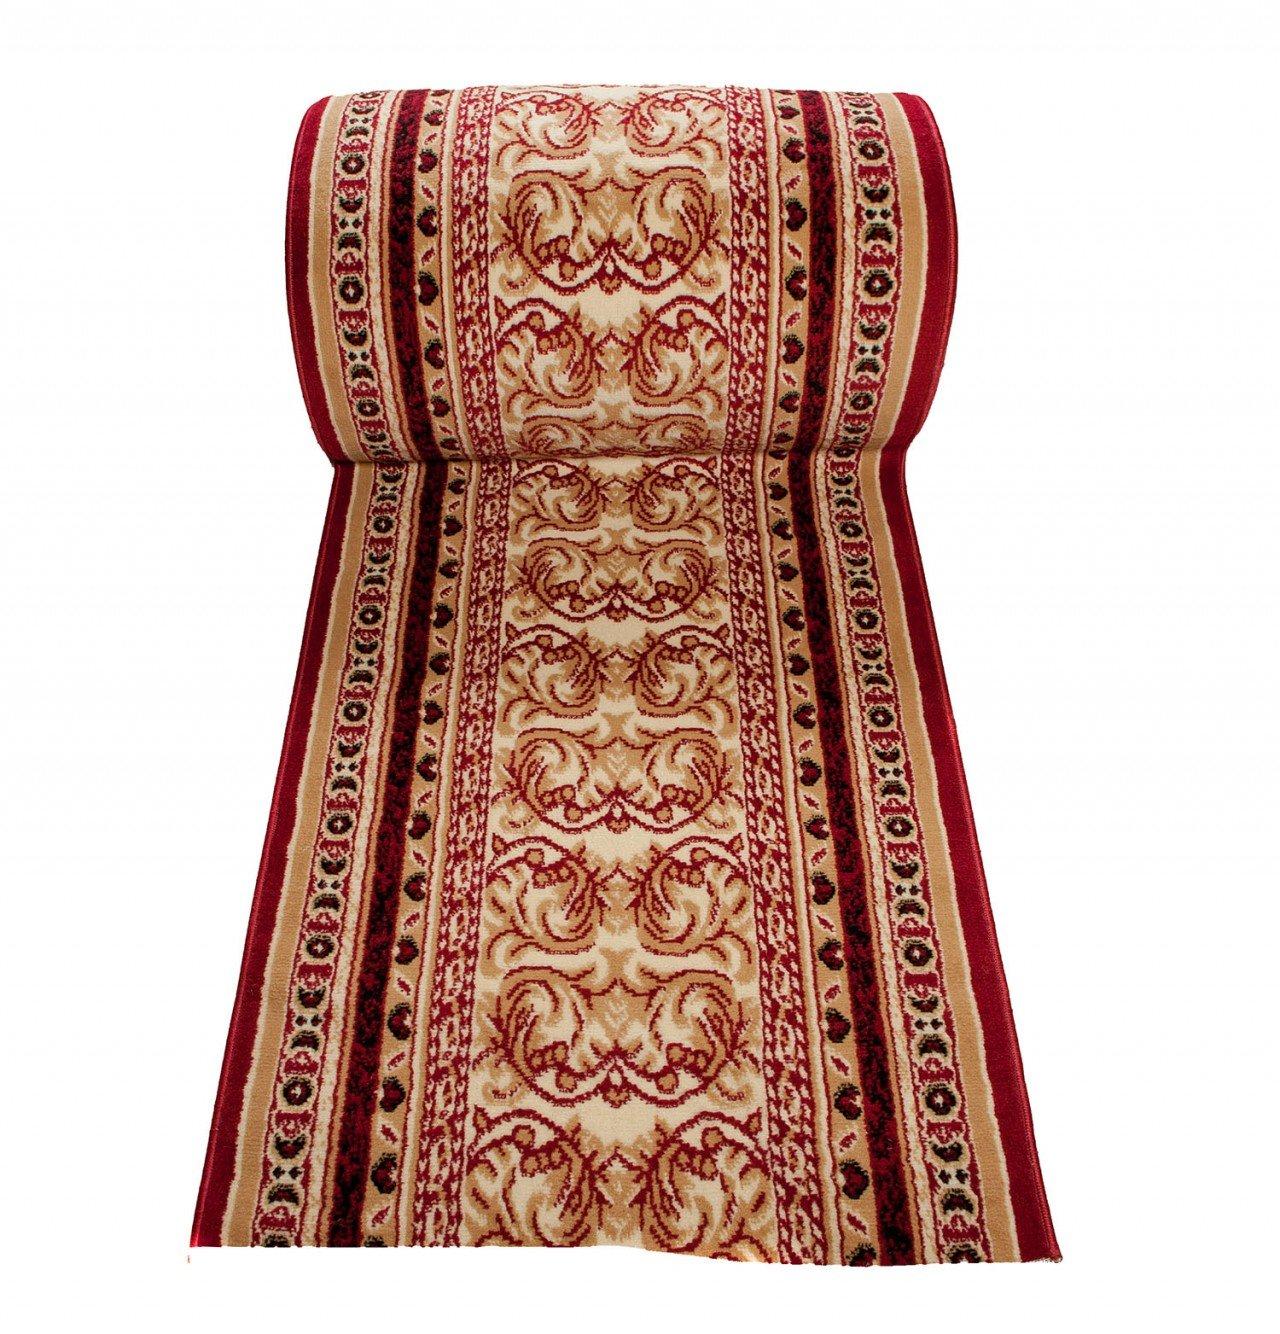 Tapiso Atlas Läufer Flur Kurzflor Teppich Küche Wohnzimmer Klassisch Blumen Floral Streifen Muster Traditionell Rot Beige ÖKOTEX 60 x 670 cm